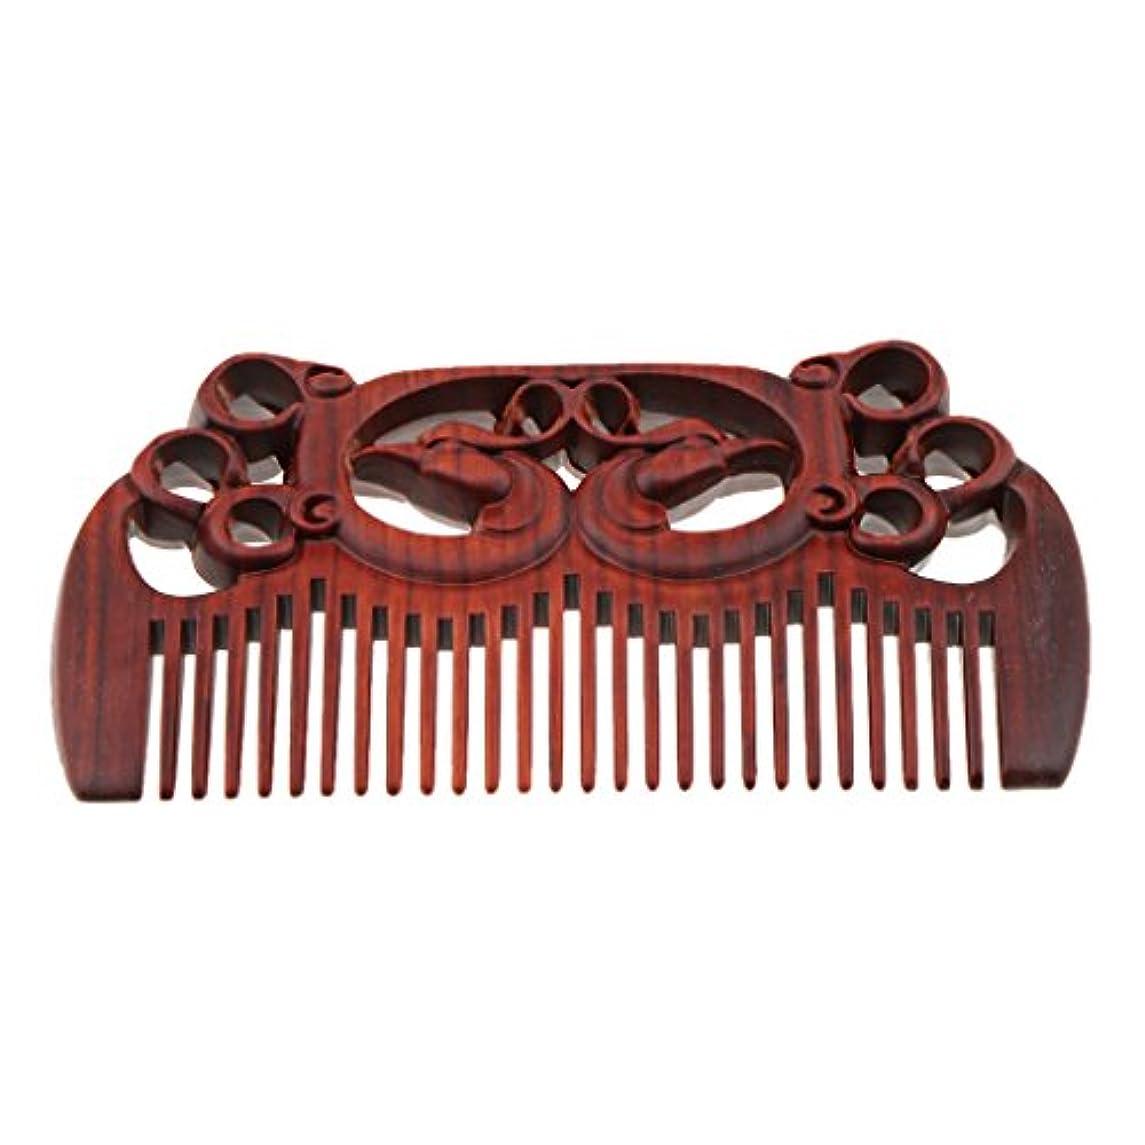 マスク倒錯ブリードT TOOYFUL 木製櫛 木製コーム ウッドコーム ワイド歯 ヘアブラシ 頭皮マッサージ 静電防止 全2種類 - #1